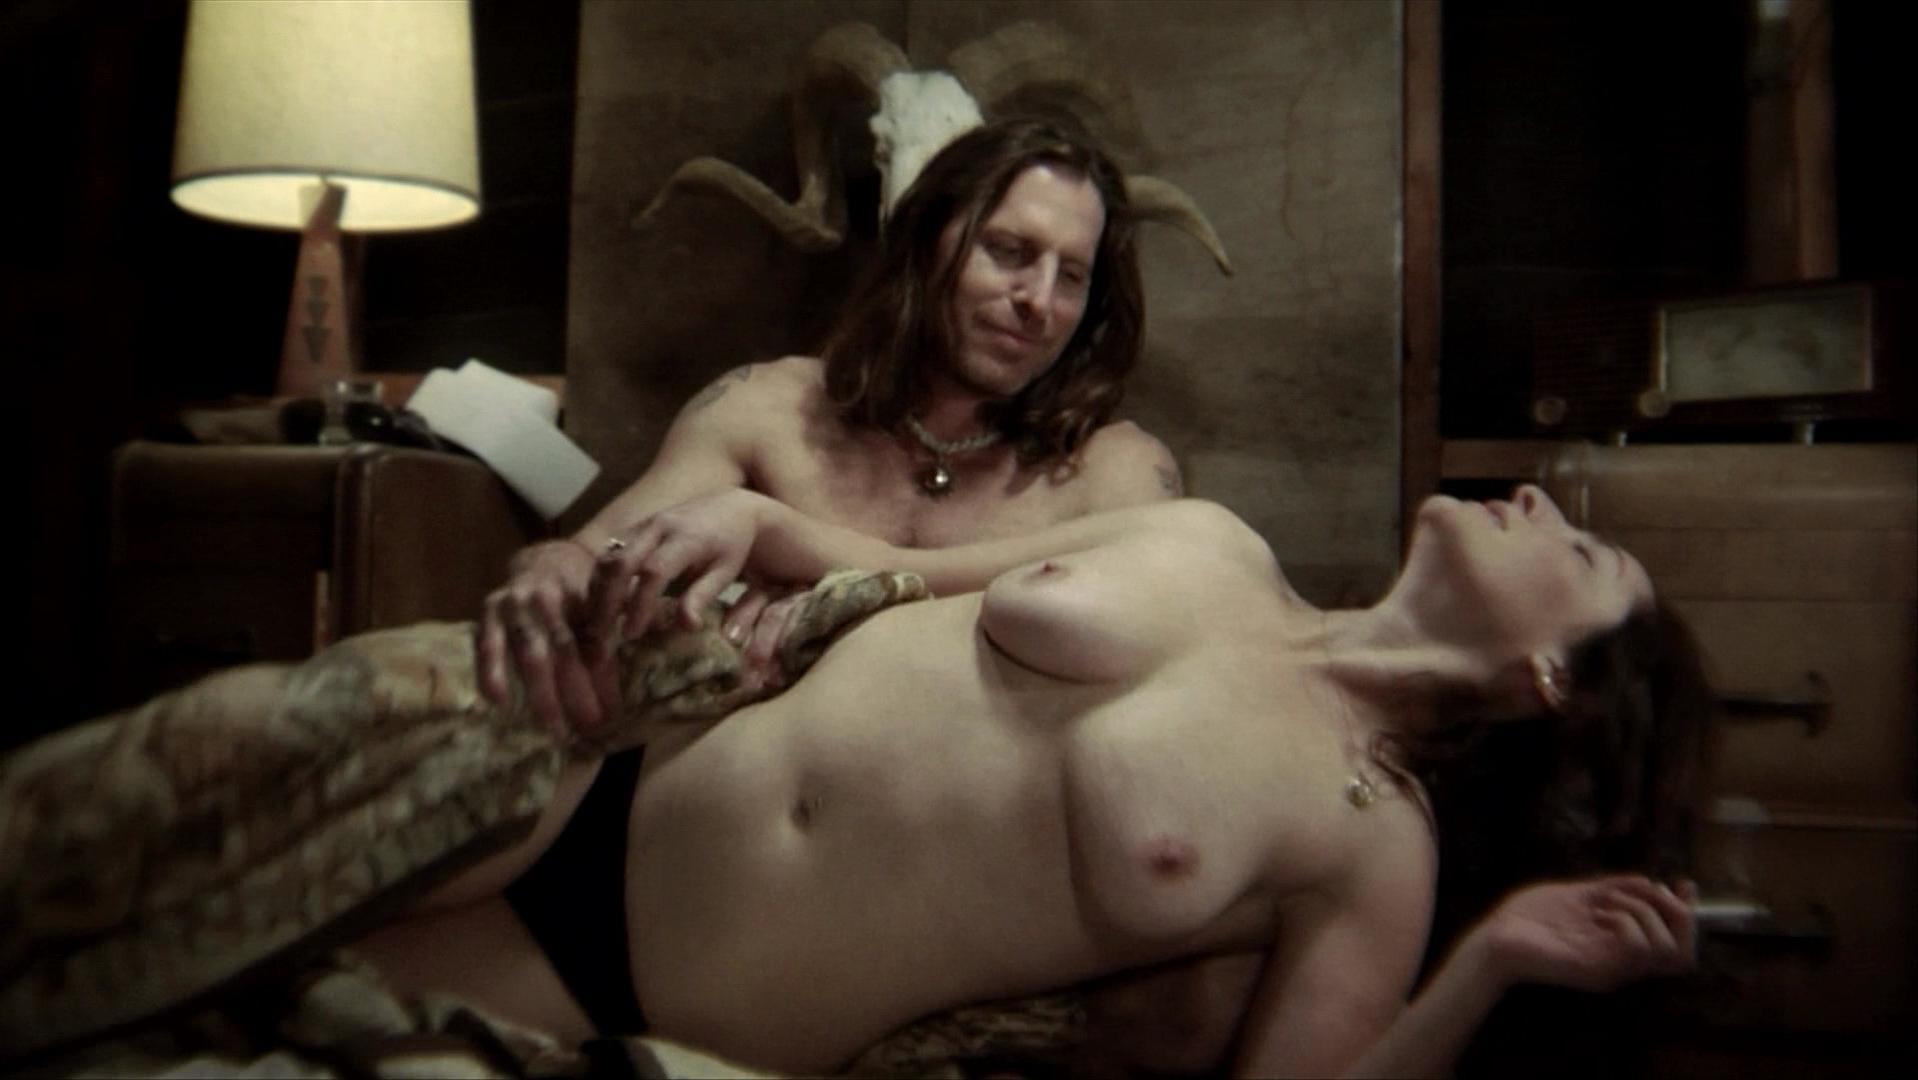 Ivet Corvea nude, Lori Soleil nude - Run! Bitch Run! (2009)